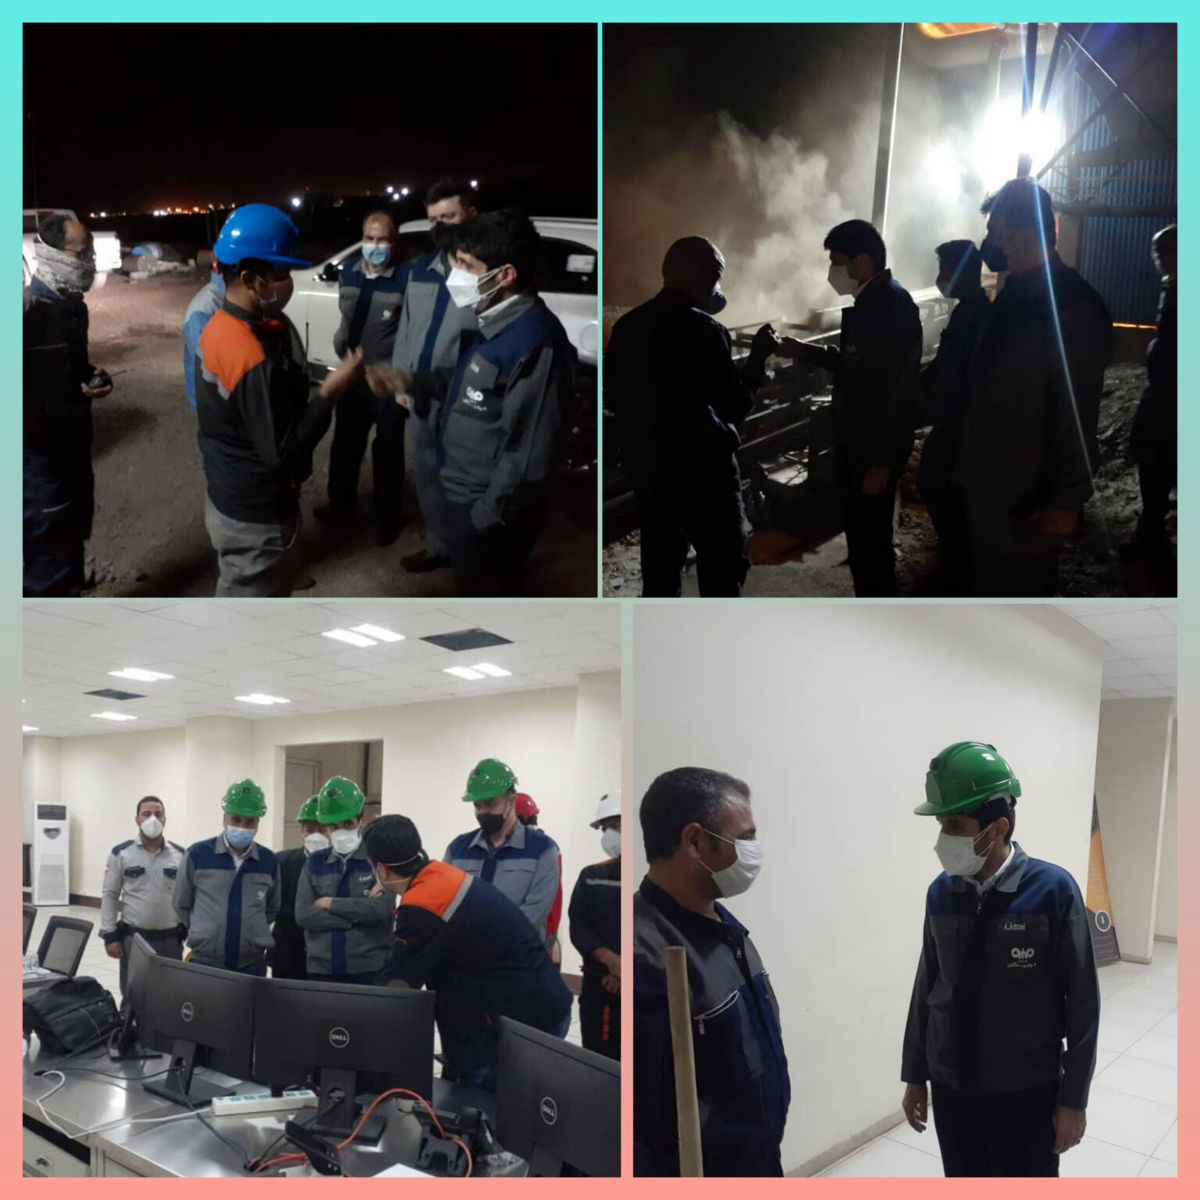 بازدید شبانه مدیرعامل فولاد سنگان از خطوط تولید